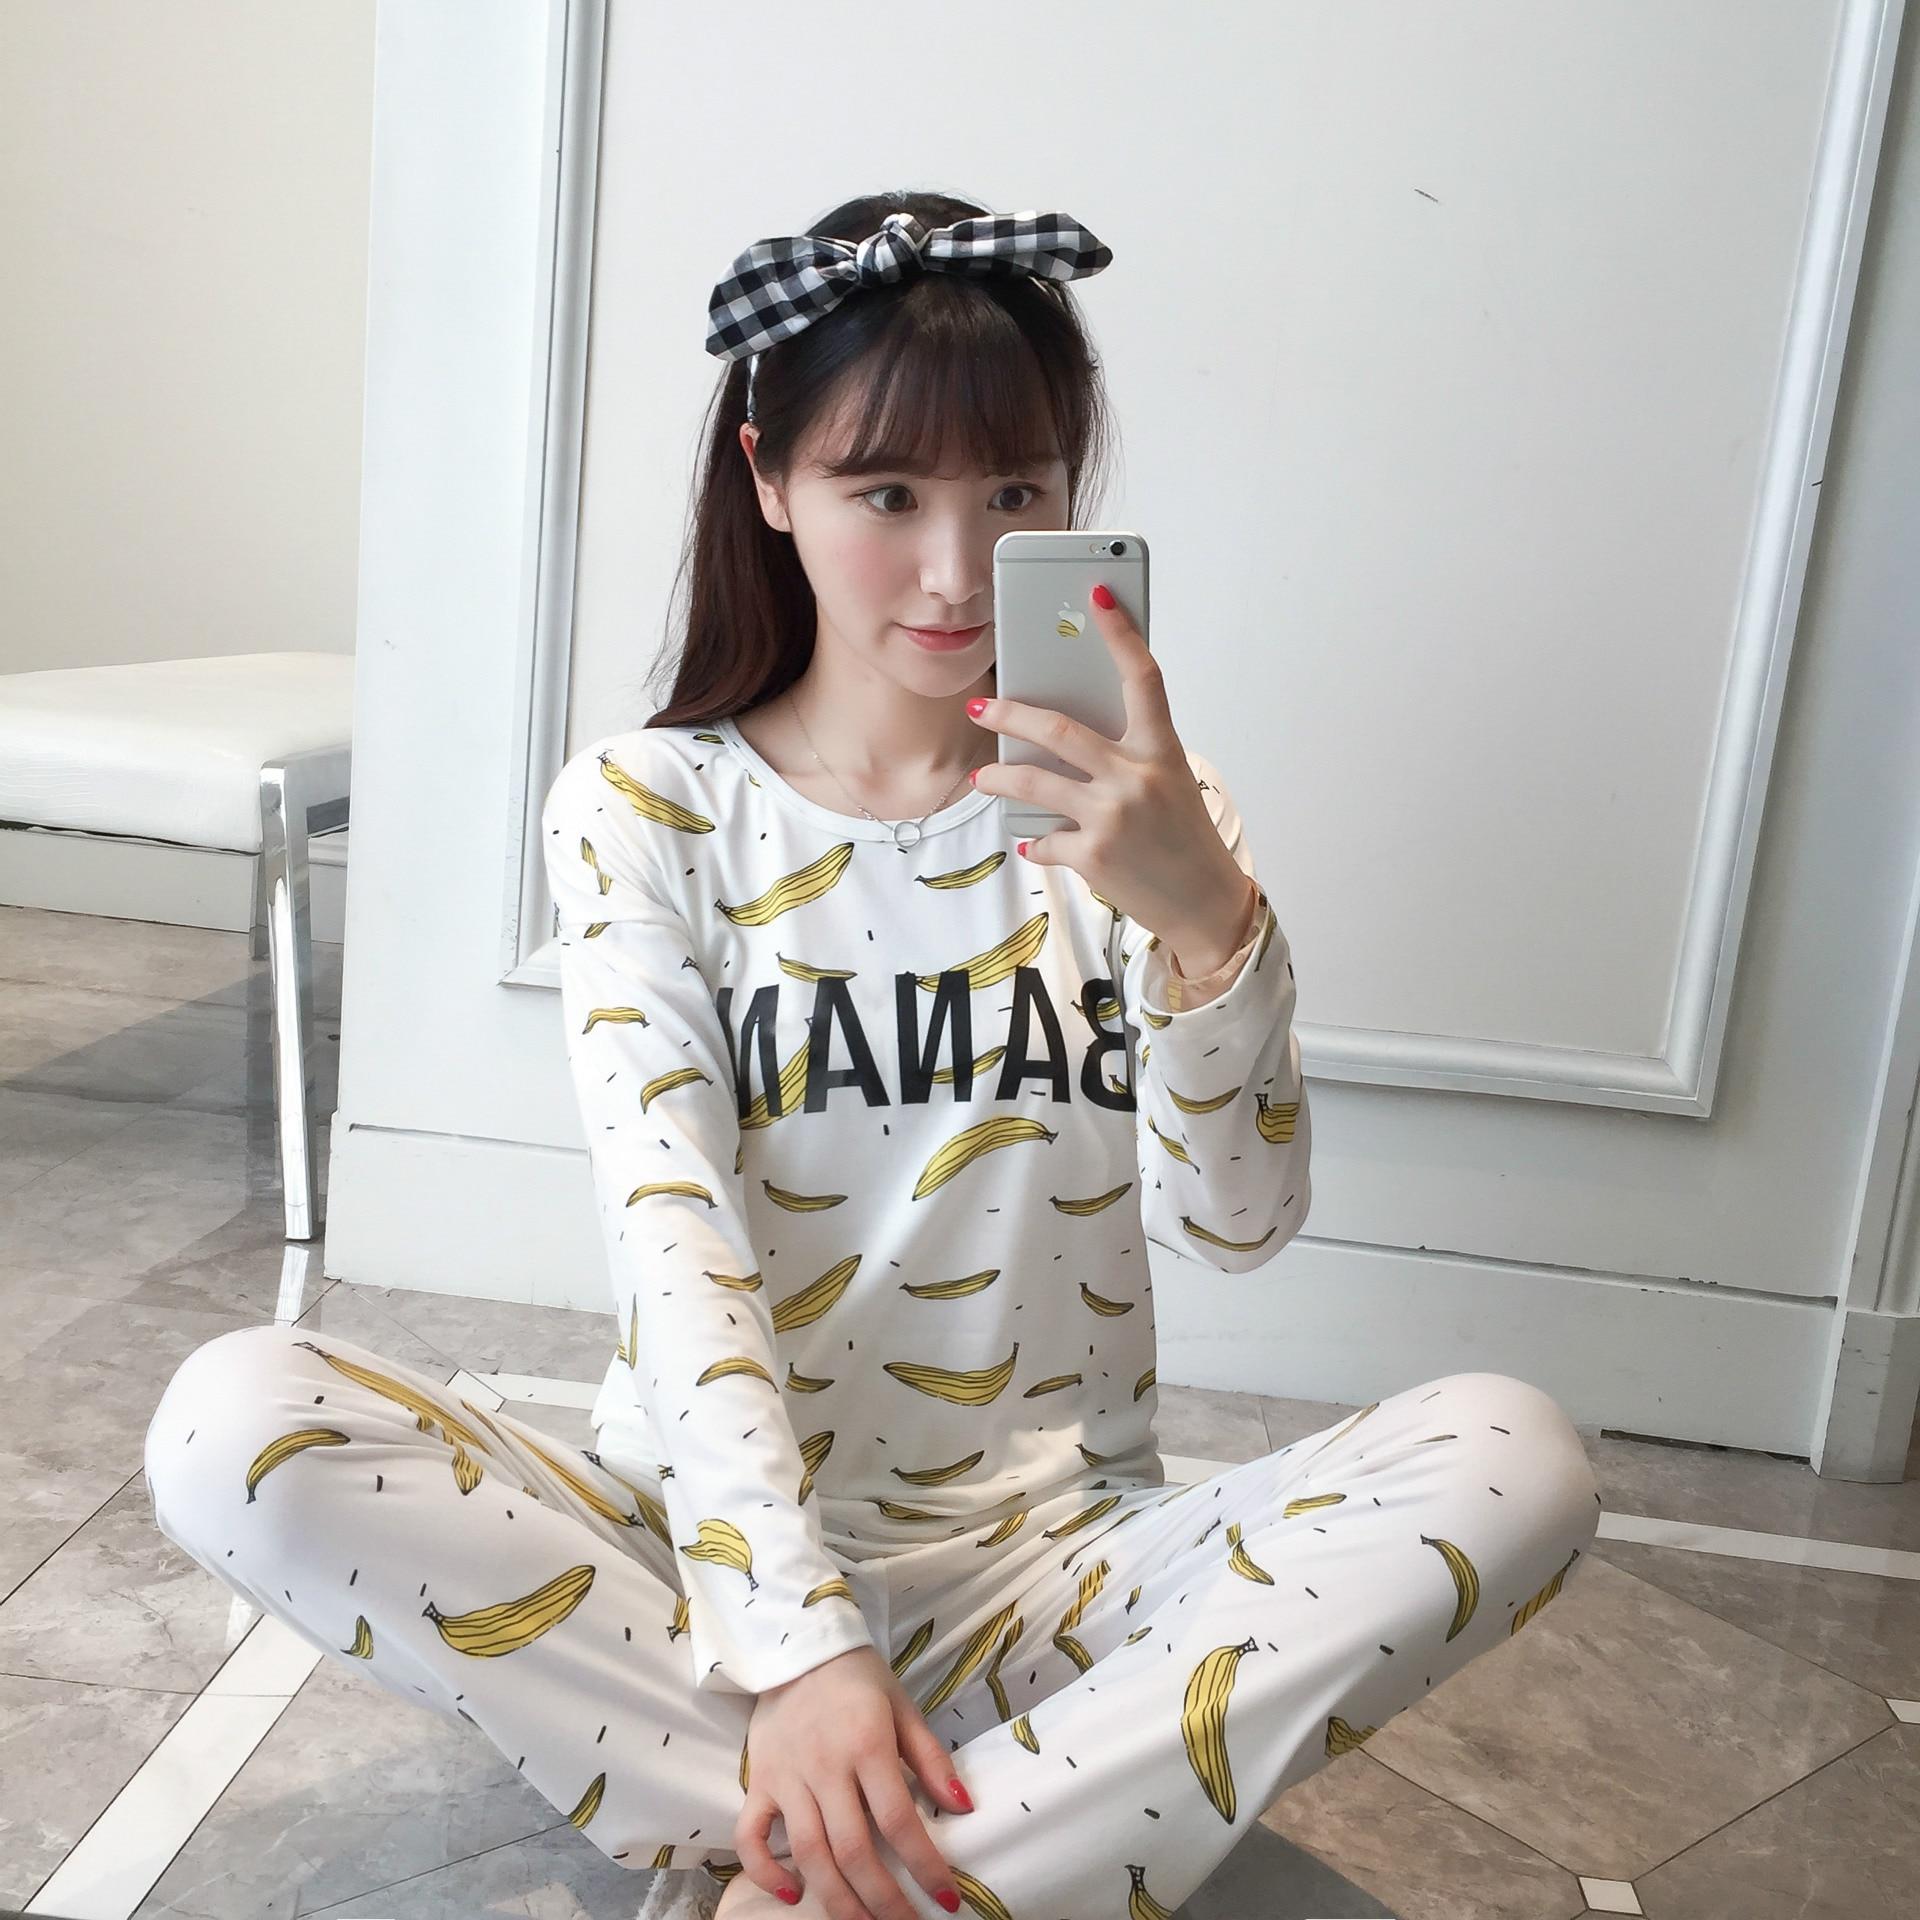 2019 Pajamas for Women Long Sleeved Pyjamas Women's Pajamas Sets Sweet Girls Sleepwear Nightgowns Lounge Women Fashion Clothing